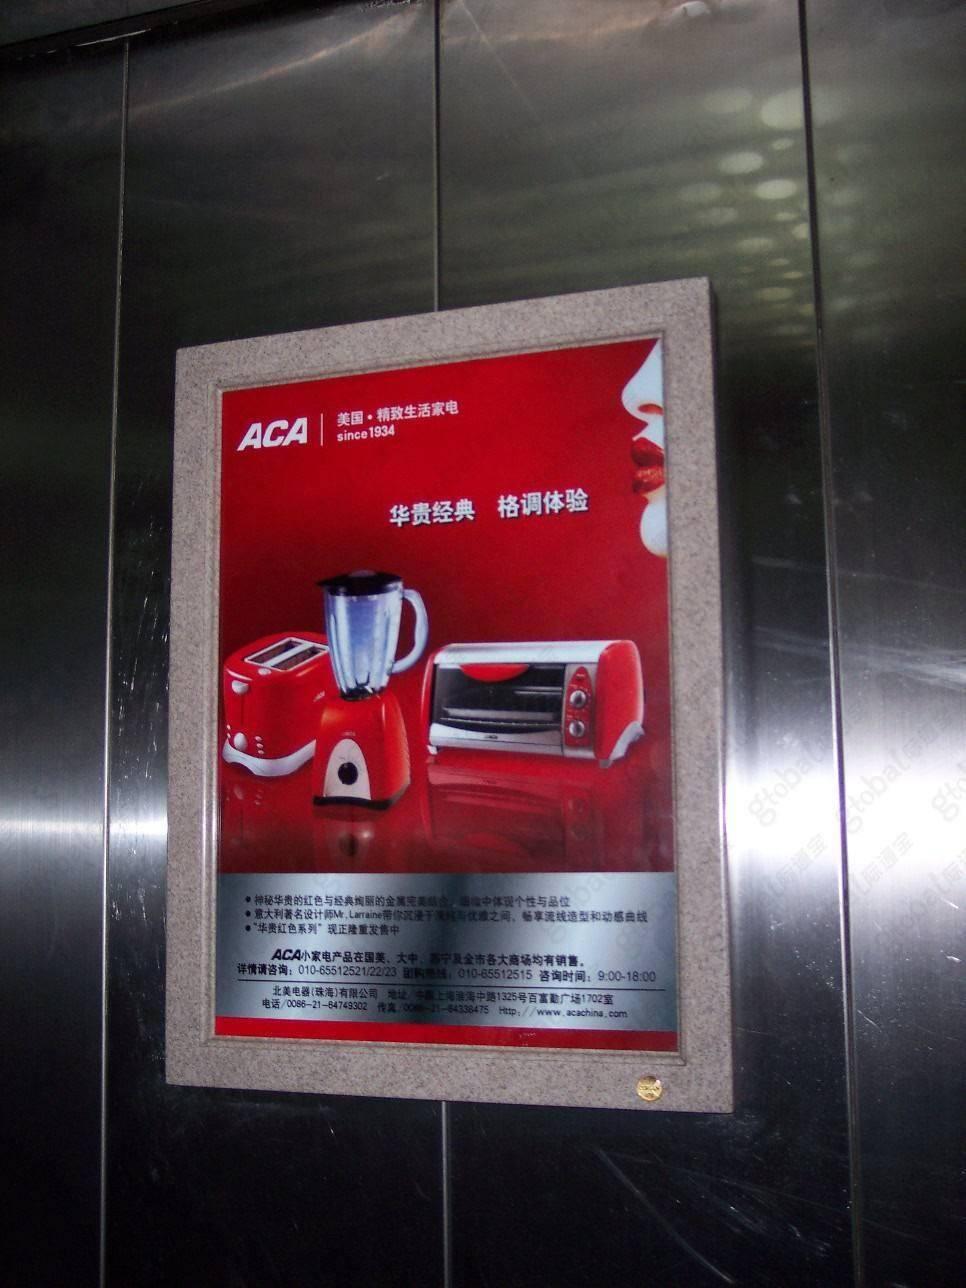 承德电梯广告公司广告牌框架3.0投放(100框起投)